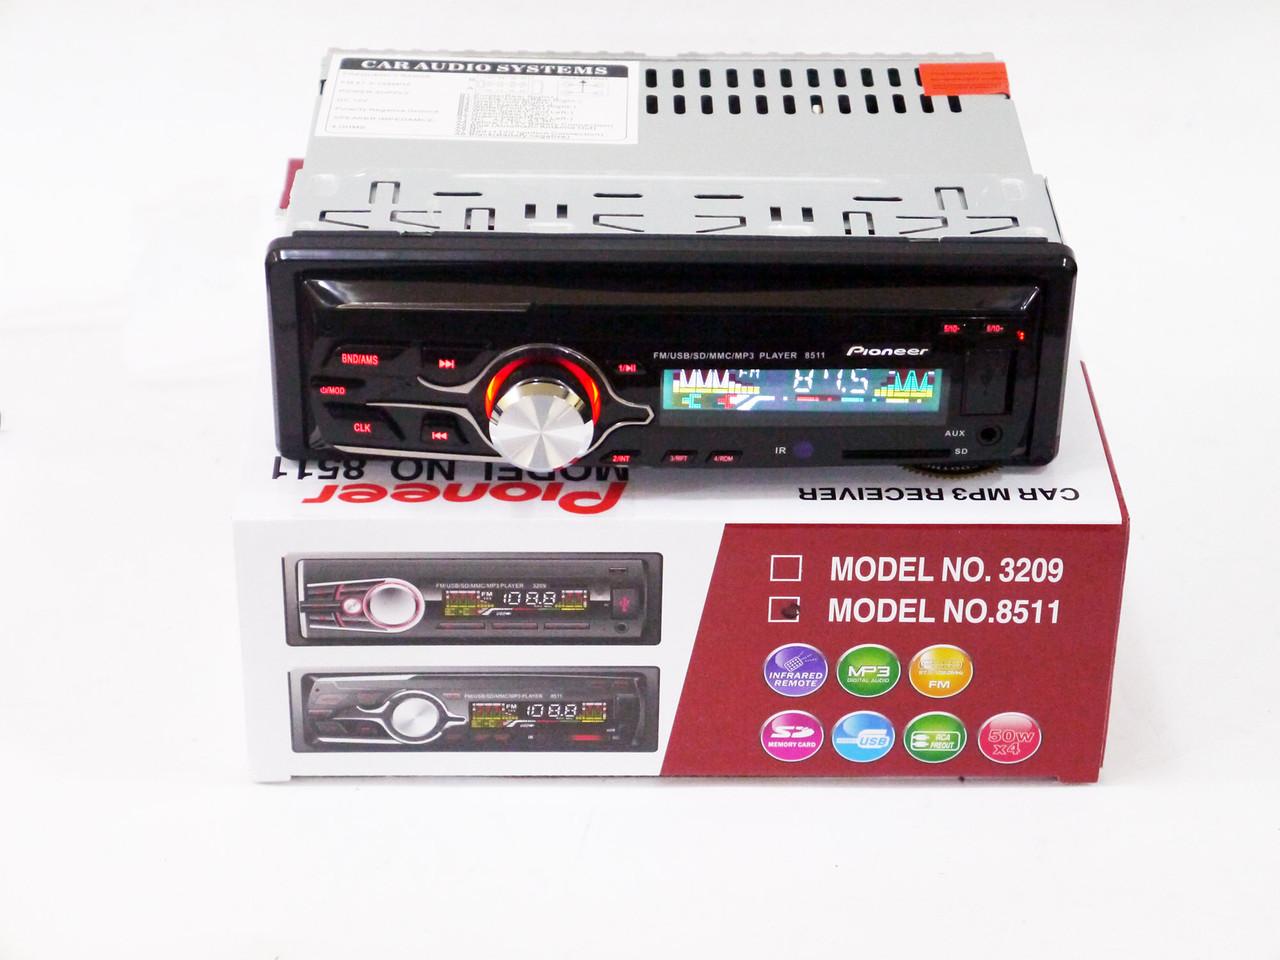 Автомагнитола Pioneer 8511 Usb+RGB подсветка+Sd+Fm+Aux+ пульт (4x50W)